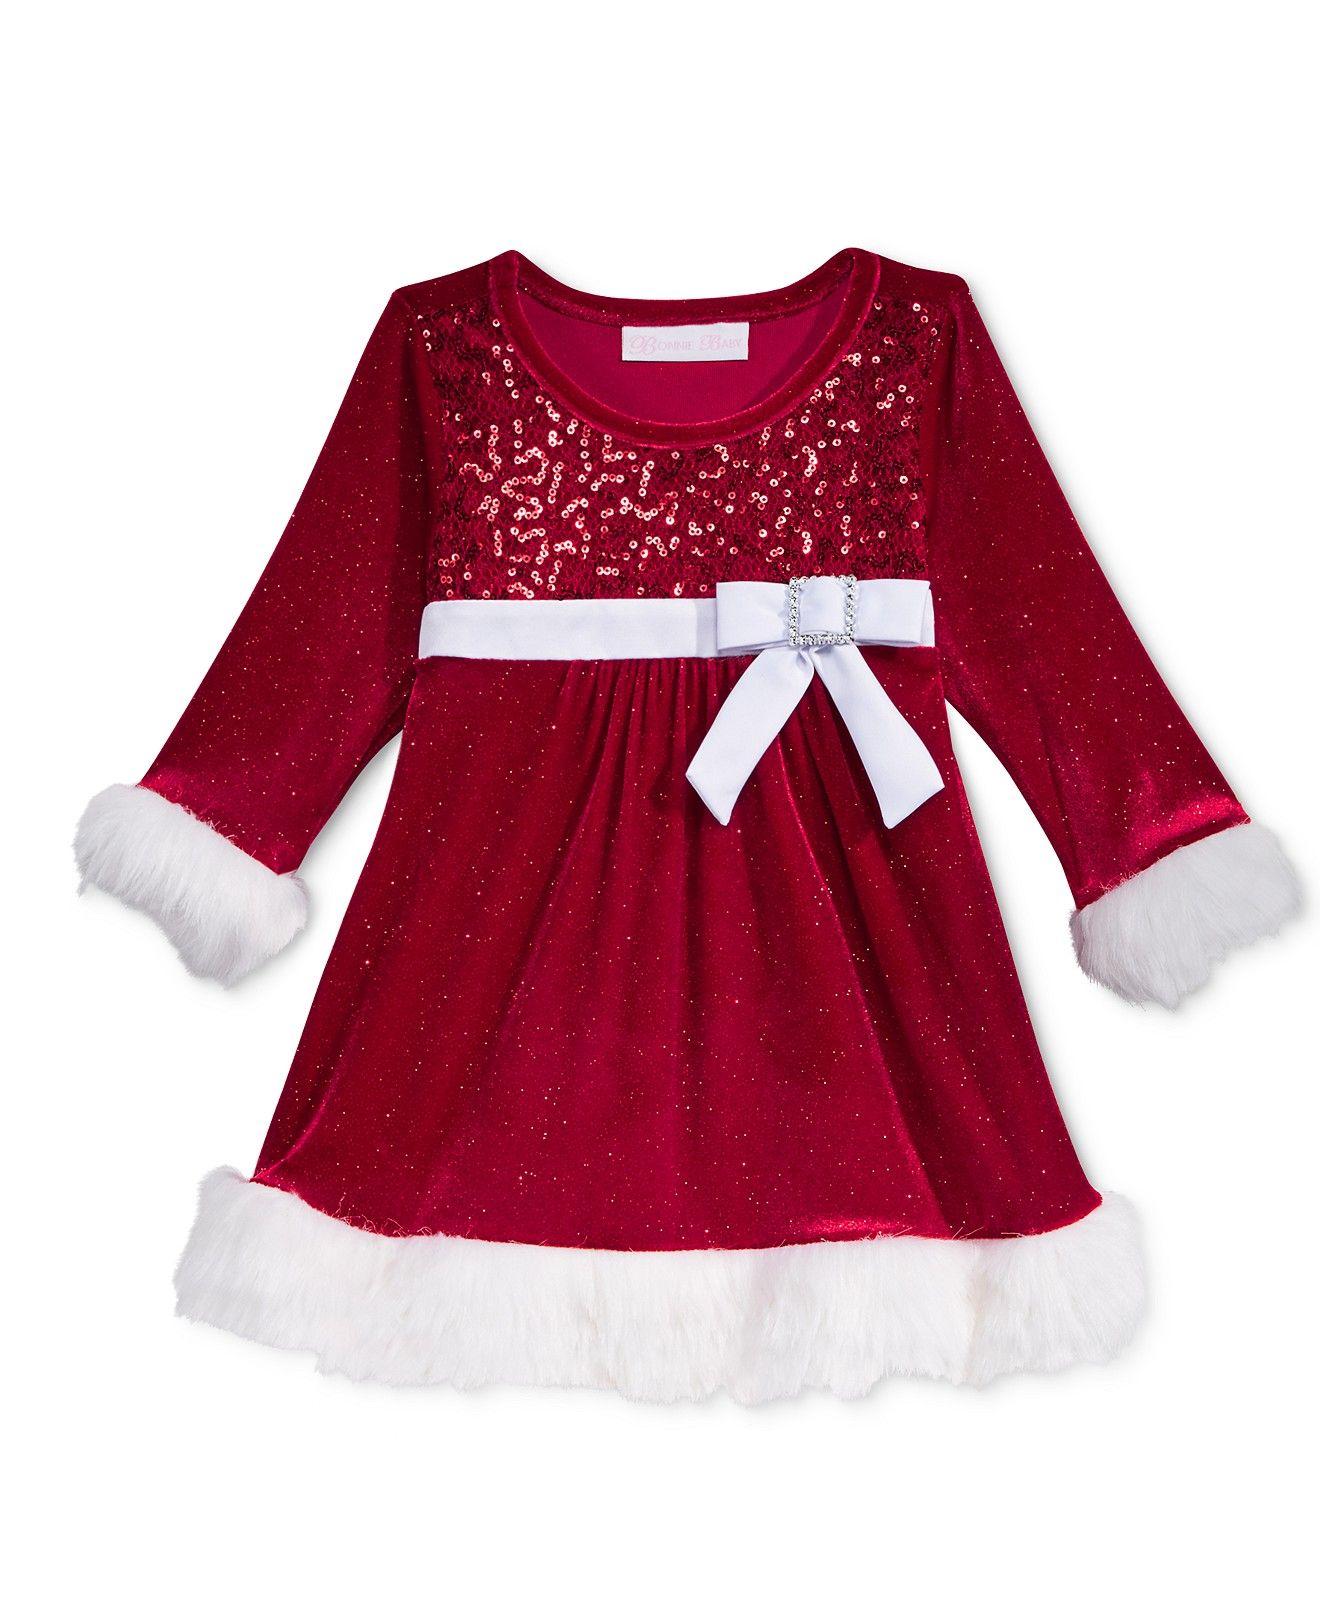 Bonnie Jean Sister Velvet Santa Dresses Baby 0 24 Months Toddler